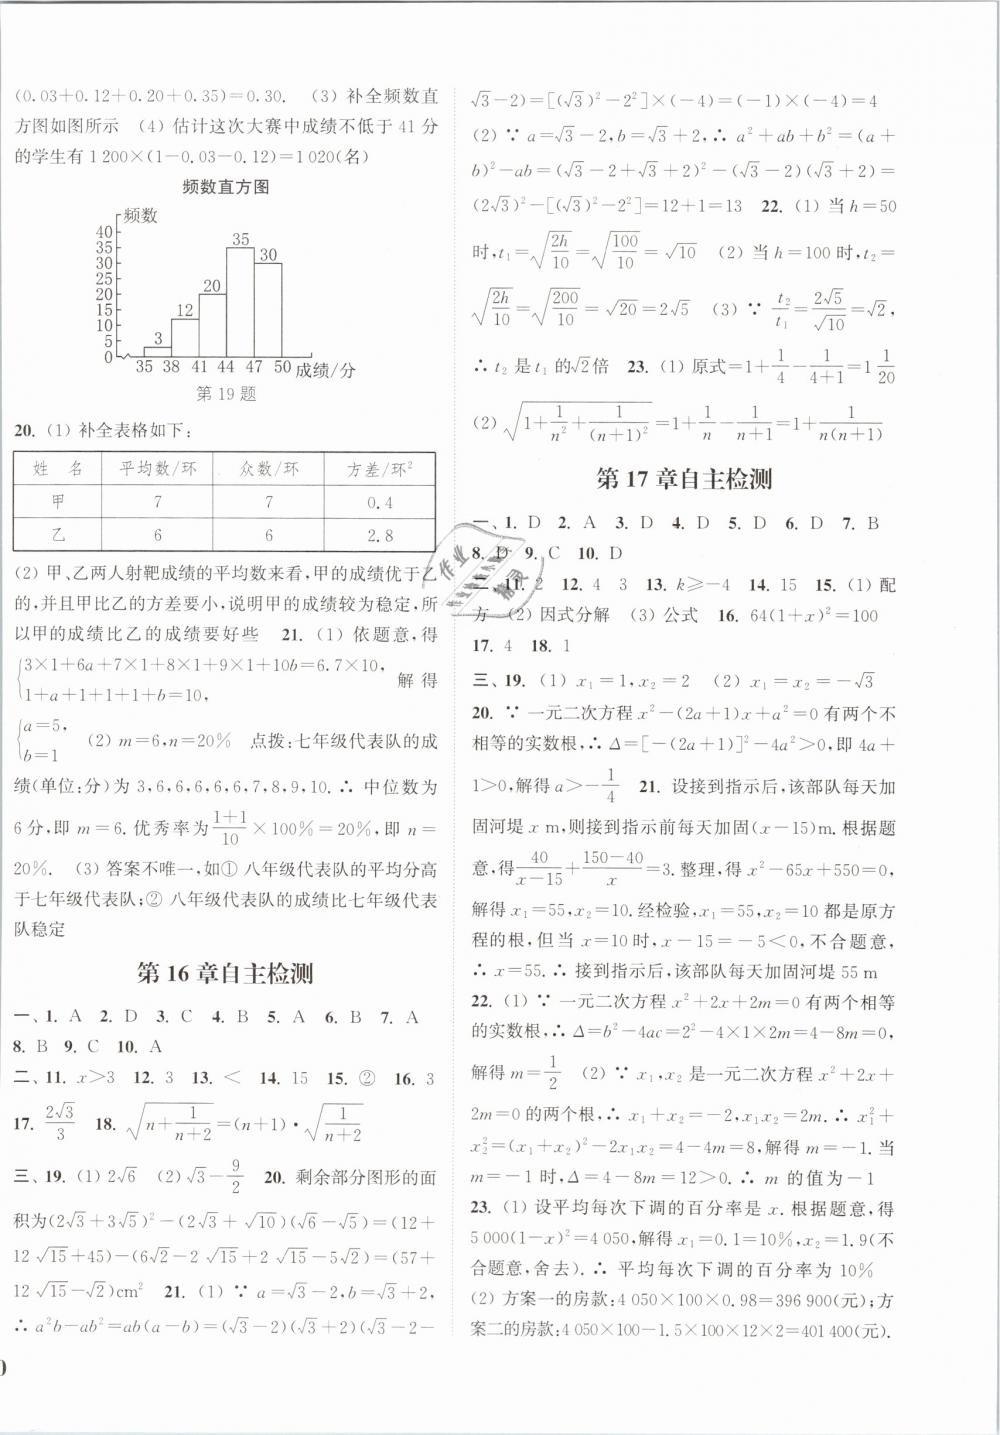 2019年通城学典课时作业本八年级数学下册沪科版第24页